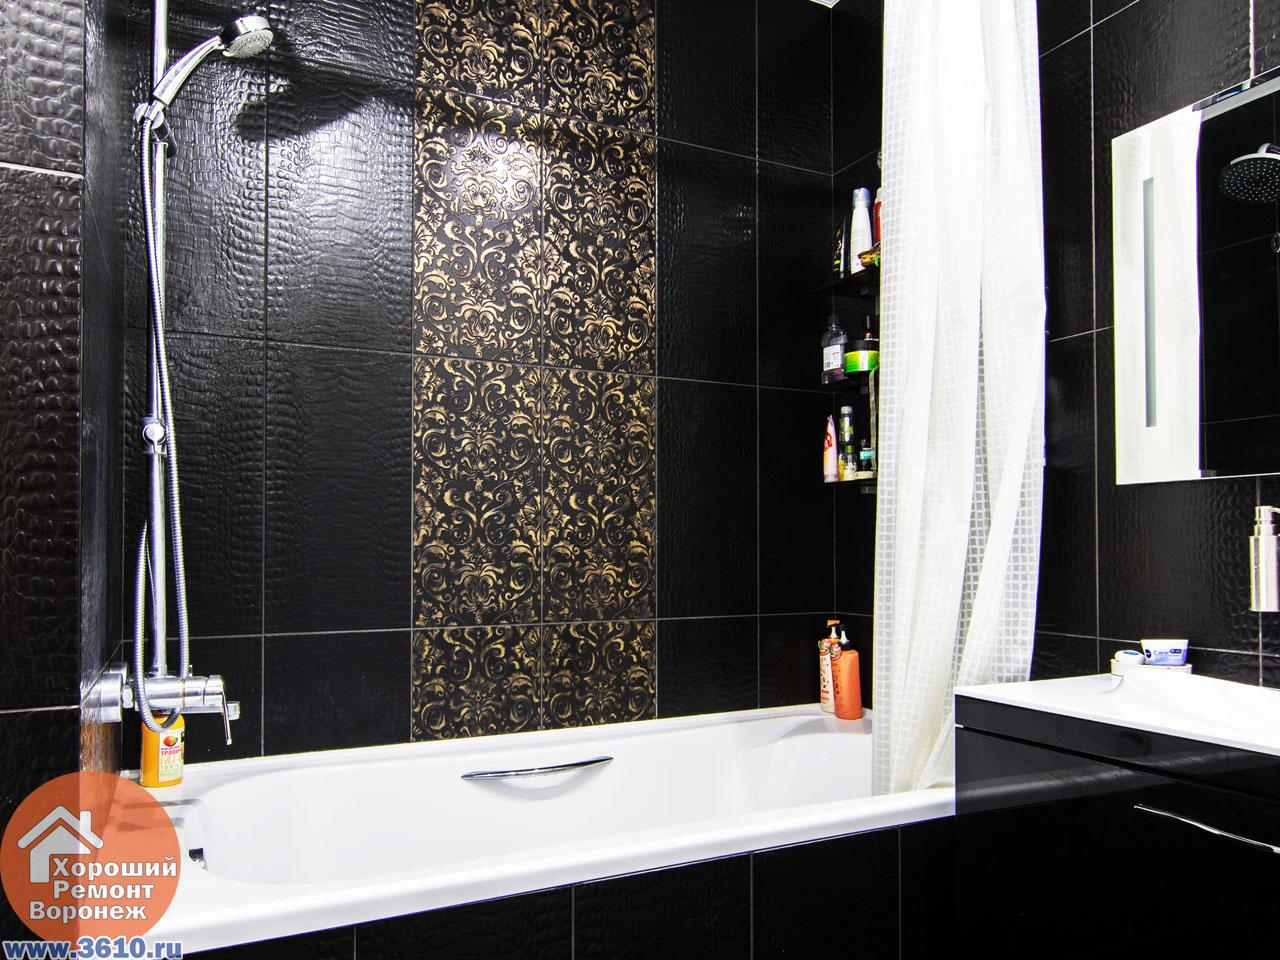 Воронеж ванная комната плитка Душевой уголок Vegas Glass AFS-F Lux 100*80 08 01 R профиль глянцевый хром, стекло прозрачное